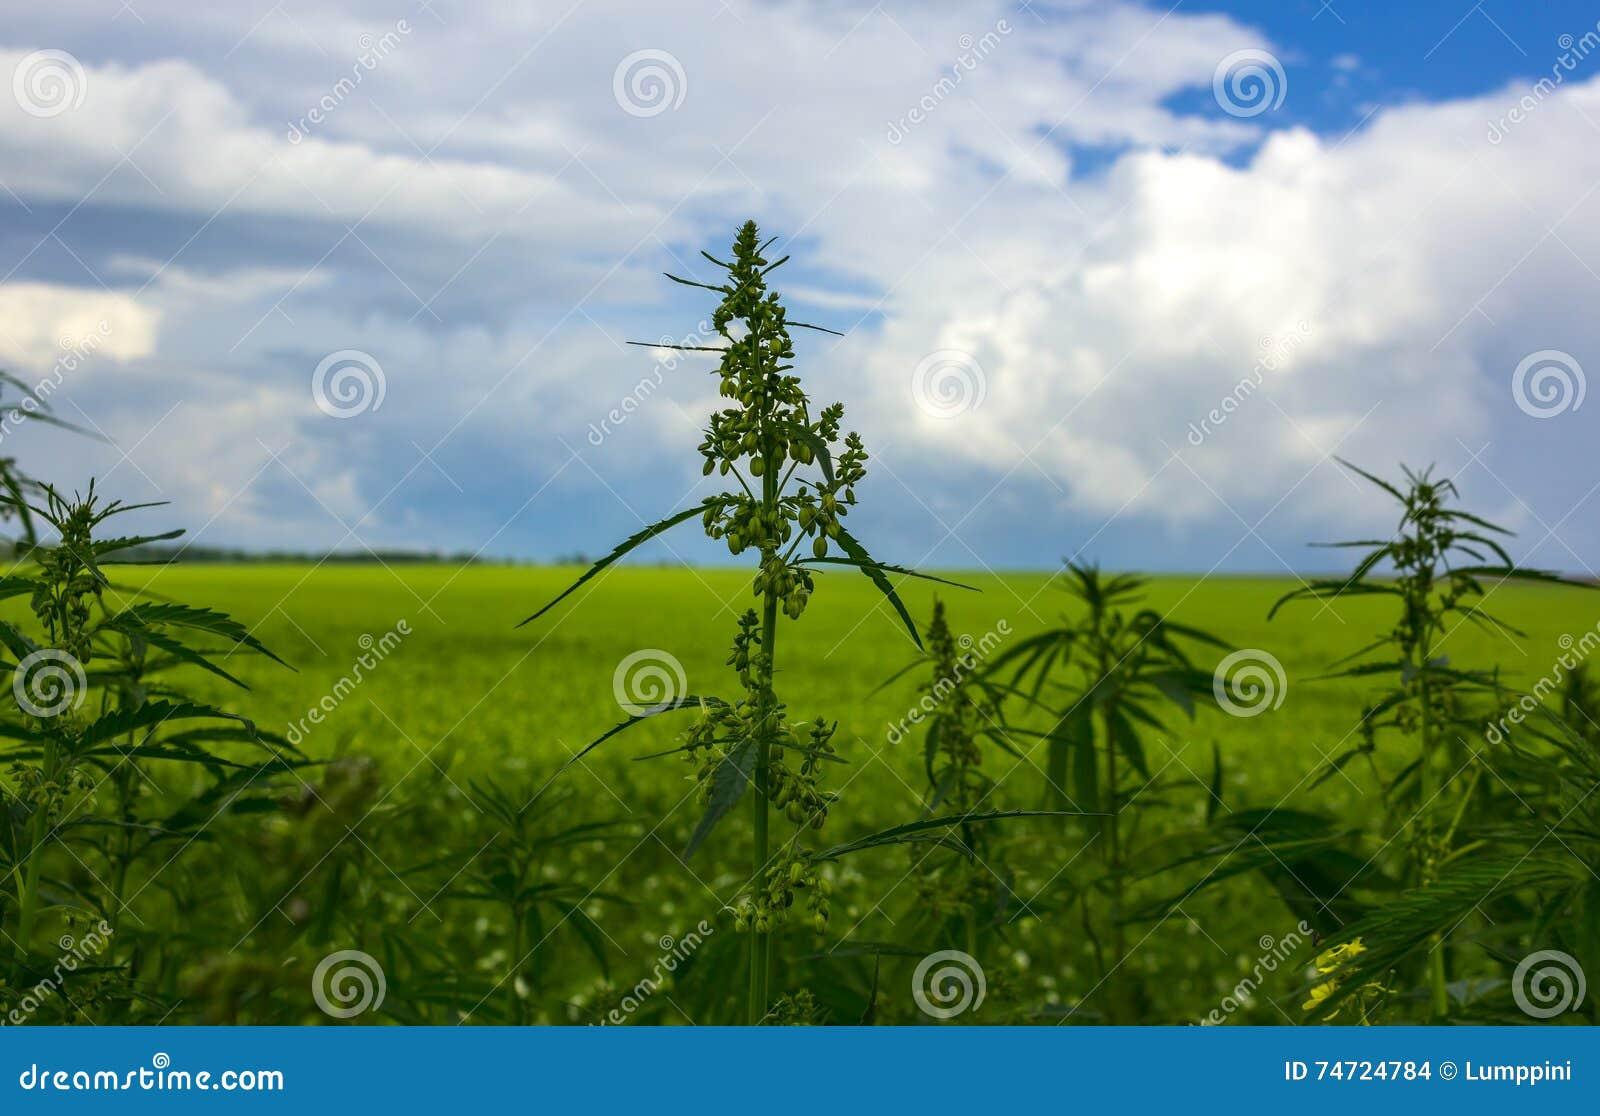 Gebied met cannabis marihuanastruik